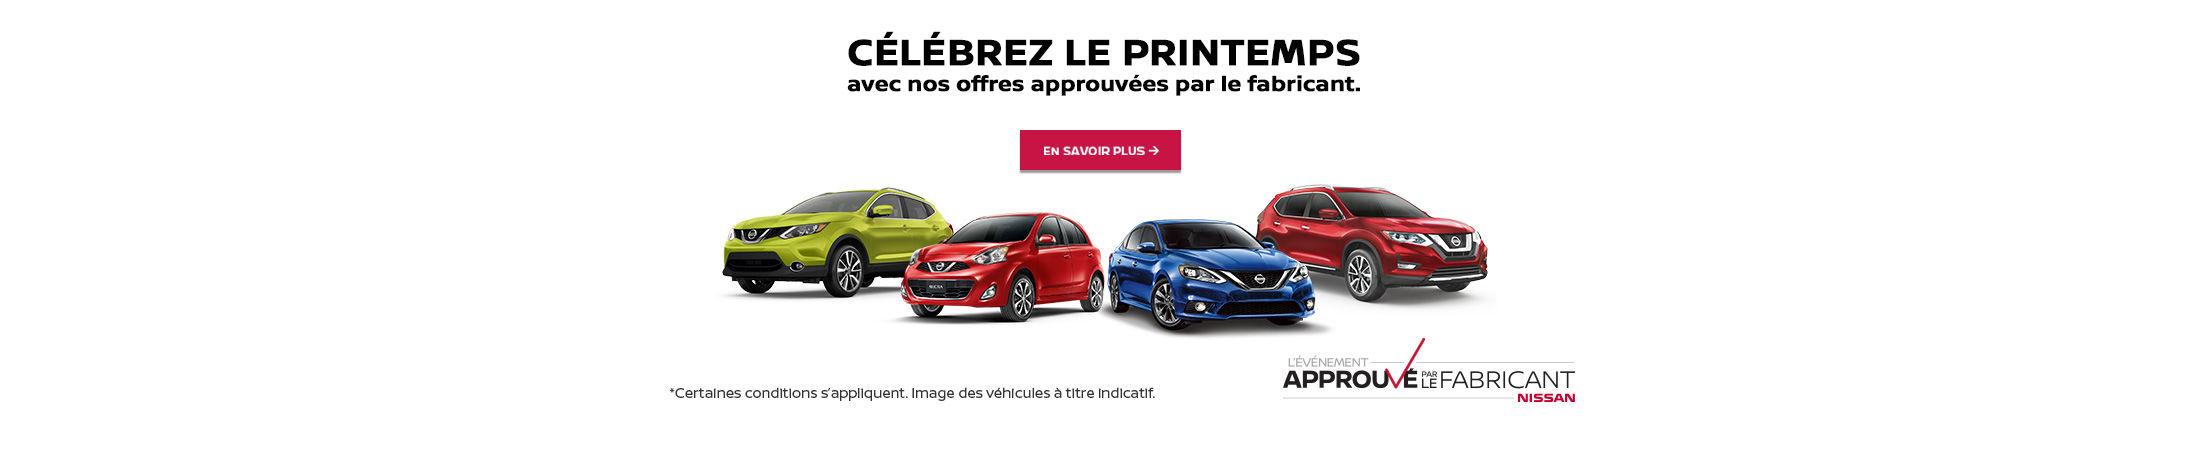 L'événement approuvé par le fabricant Nissan (Betty)